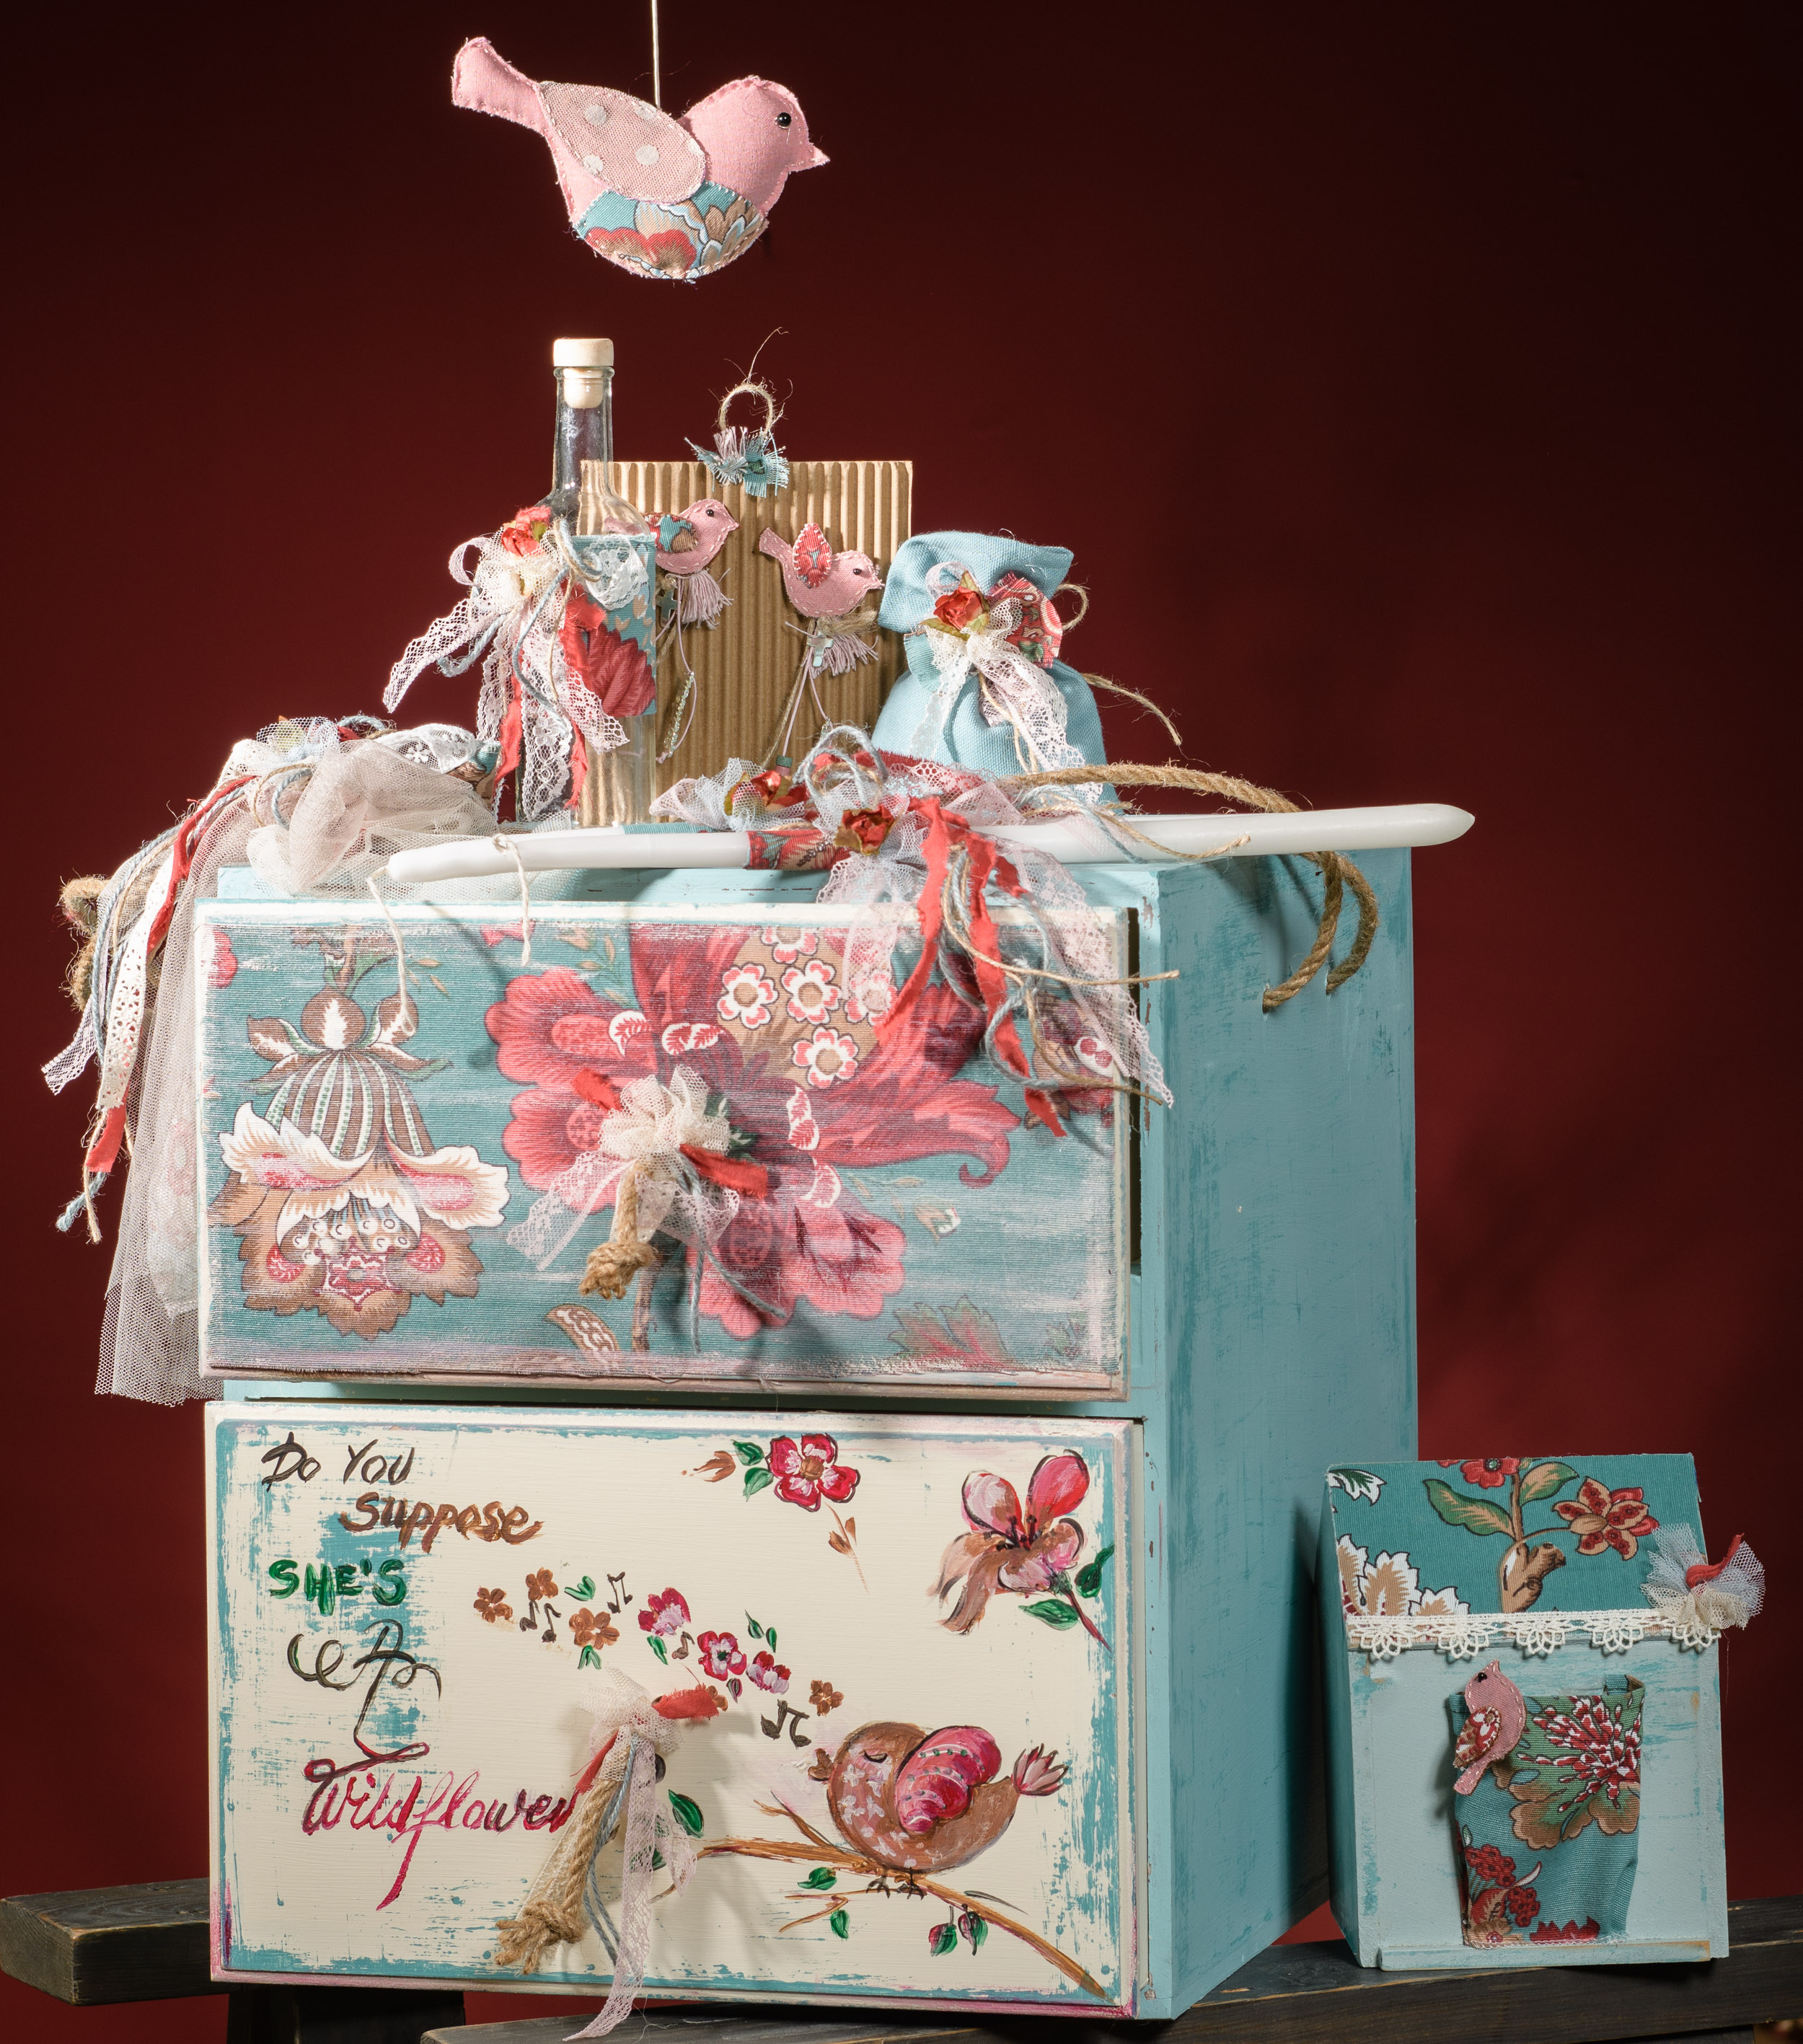 Ένα ζωηρό σετ βάπτισης με θέμα πολύχρωμα πουλιά. Περιλαμβάνει:  Κουτί βάφτισης (επιπλάκι) ζωγραφισμένο στο χέρι Λαδοσέτ Μαρτυρικά και μπομπονιέρες Κουτί μαρτυρικών Βιβλίο ευχών  Για τις πιο φανταχτερές εκδηλώσεις!